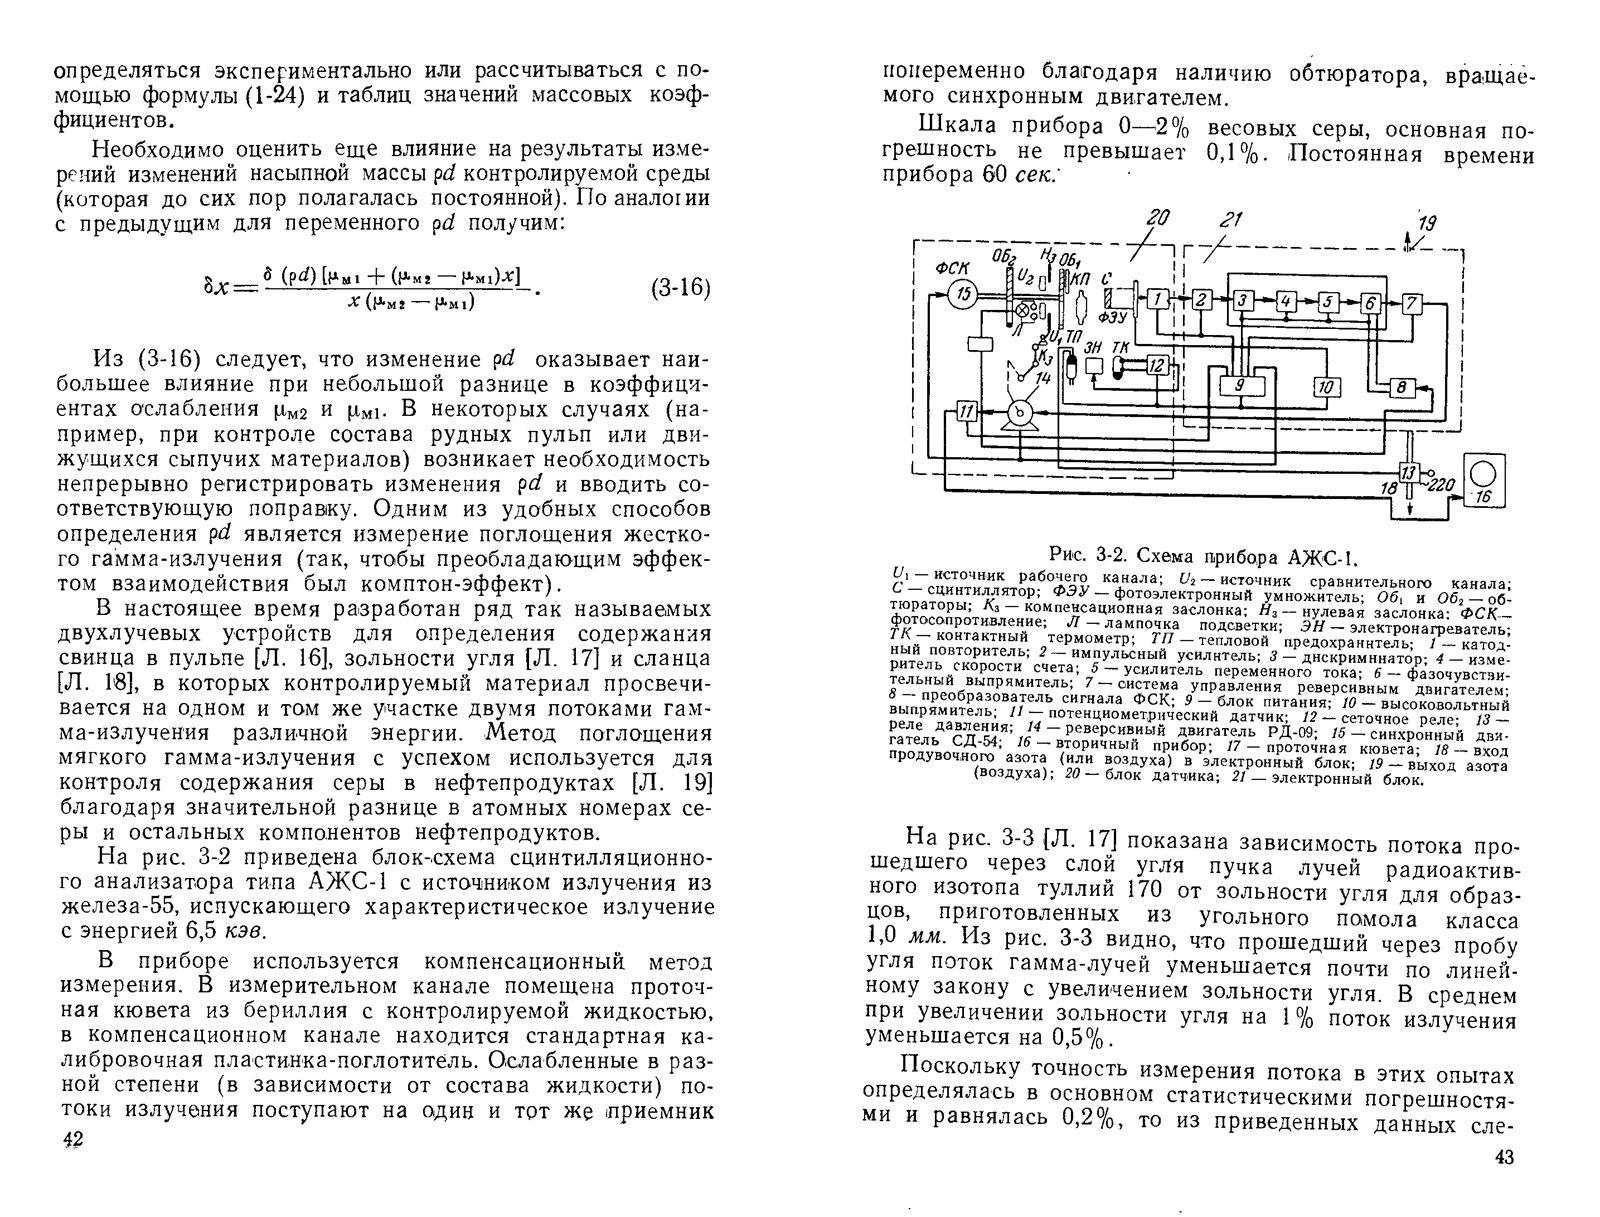 pdf Molecular, Clinical and Environmental Toxicology: Volume 1: Molecular Toxicology